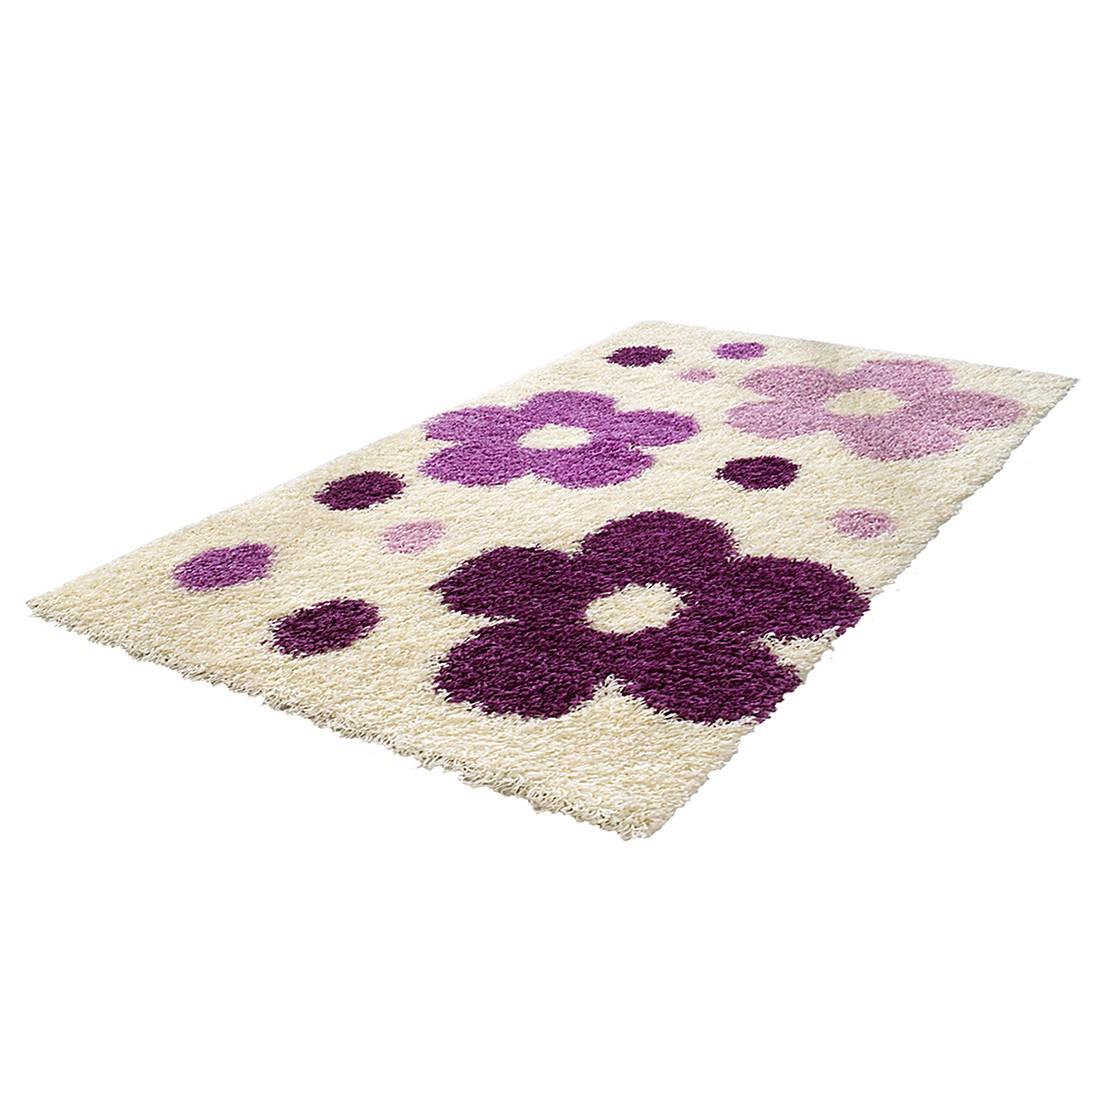 Kinderteppich Blumen - Weiß/Violett, Relita